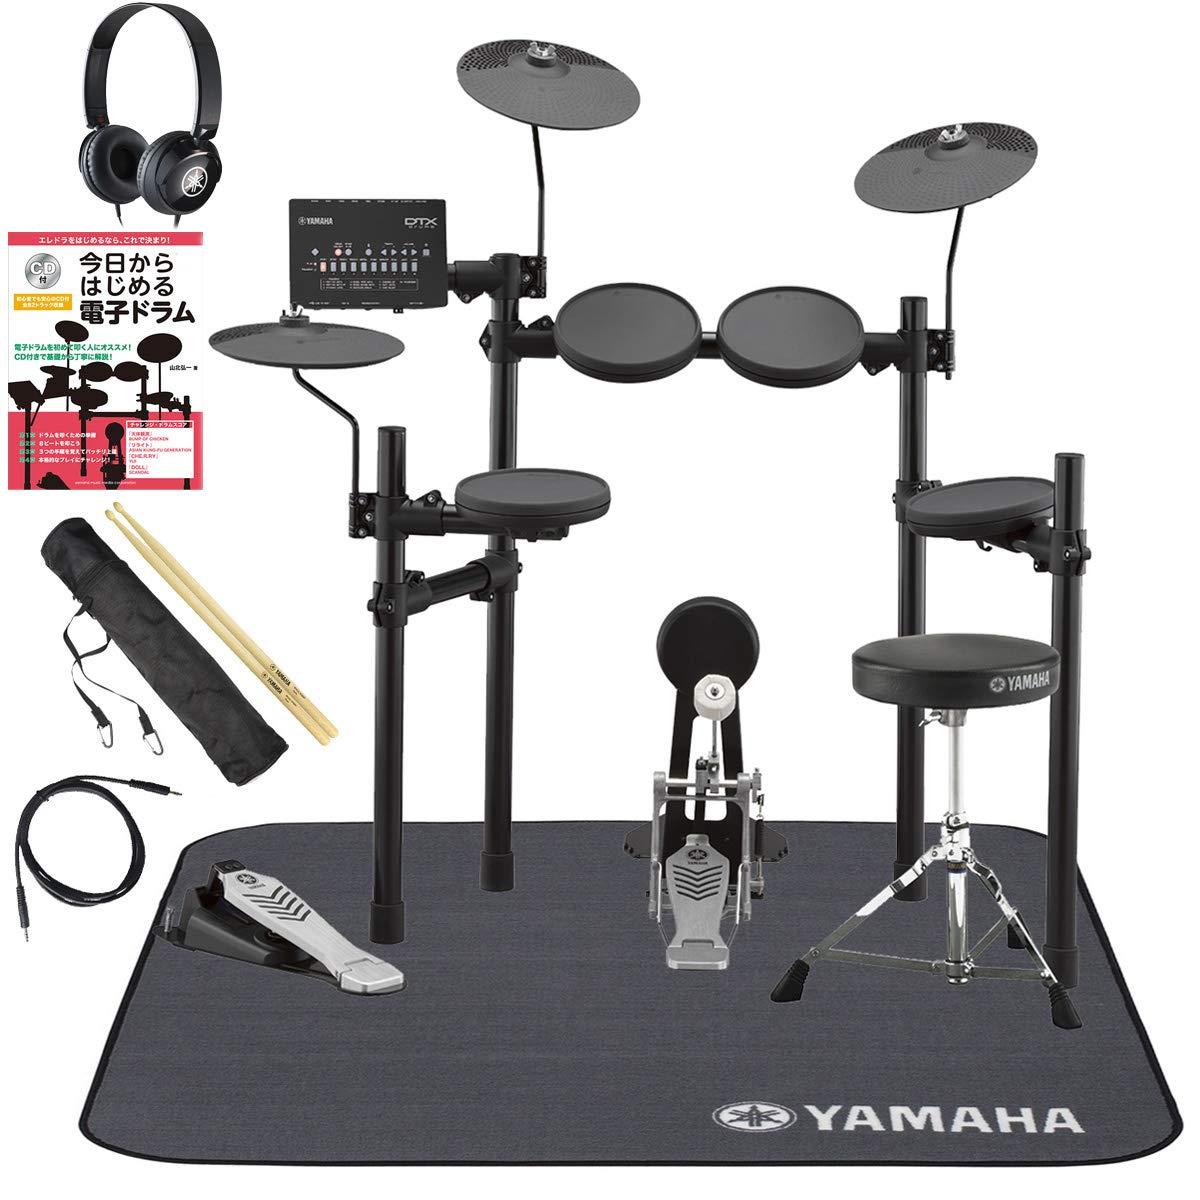 YAMAHA DTX432KS ヤマハ純正スターターパックと電子ドラム教本セット   B07GCGQJL8